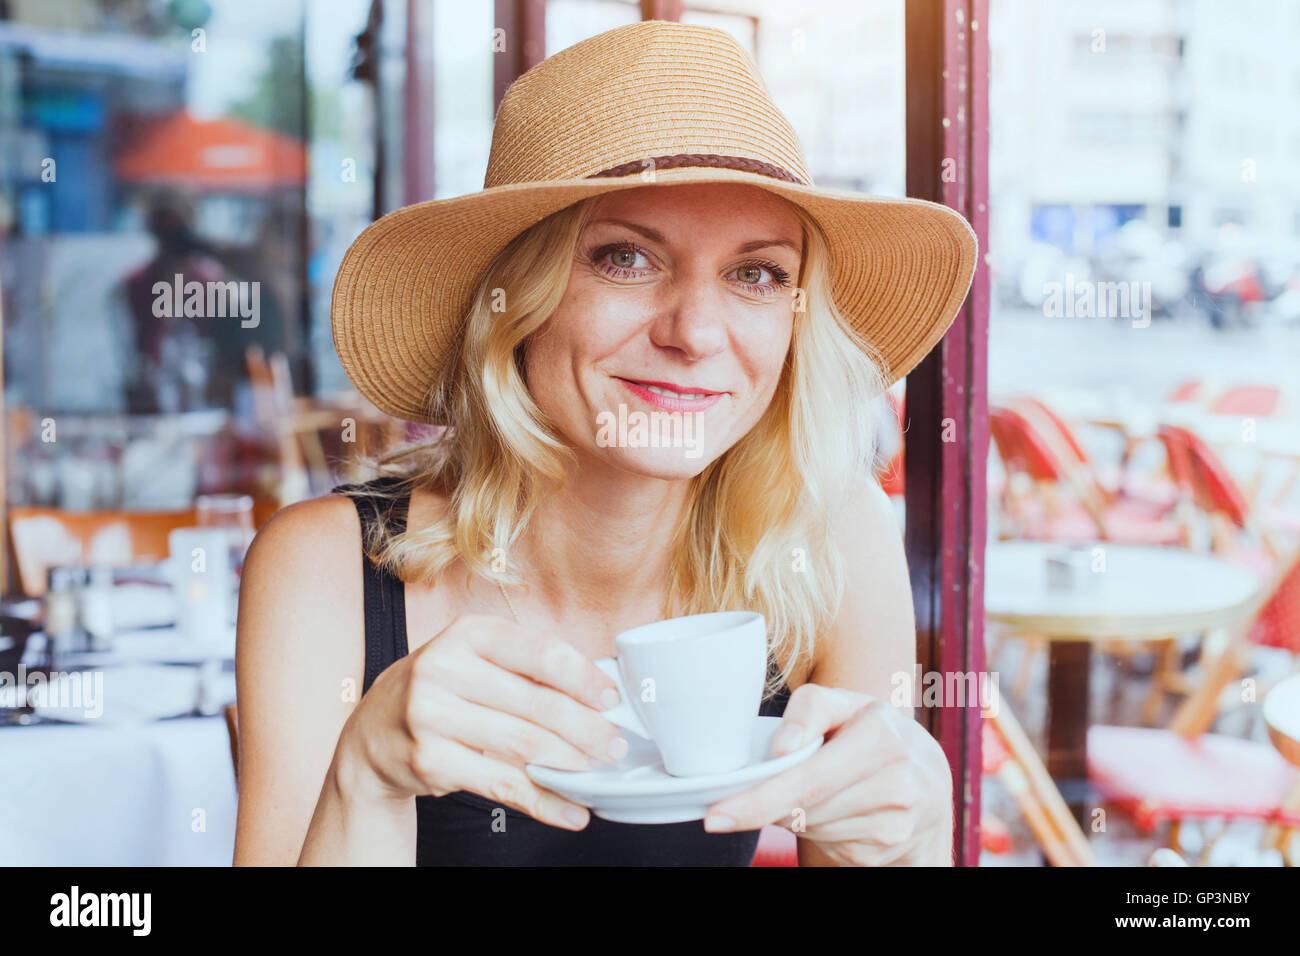 Ritratto di moda bella donna di mezza età in cafe con tazza di caffè, felice e sorridente e guardando Immagini Stock